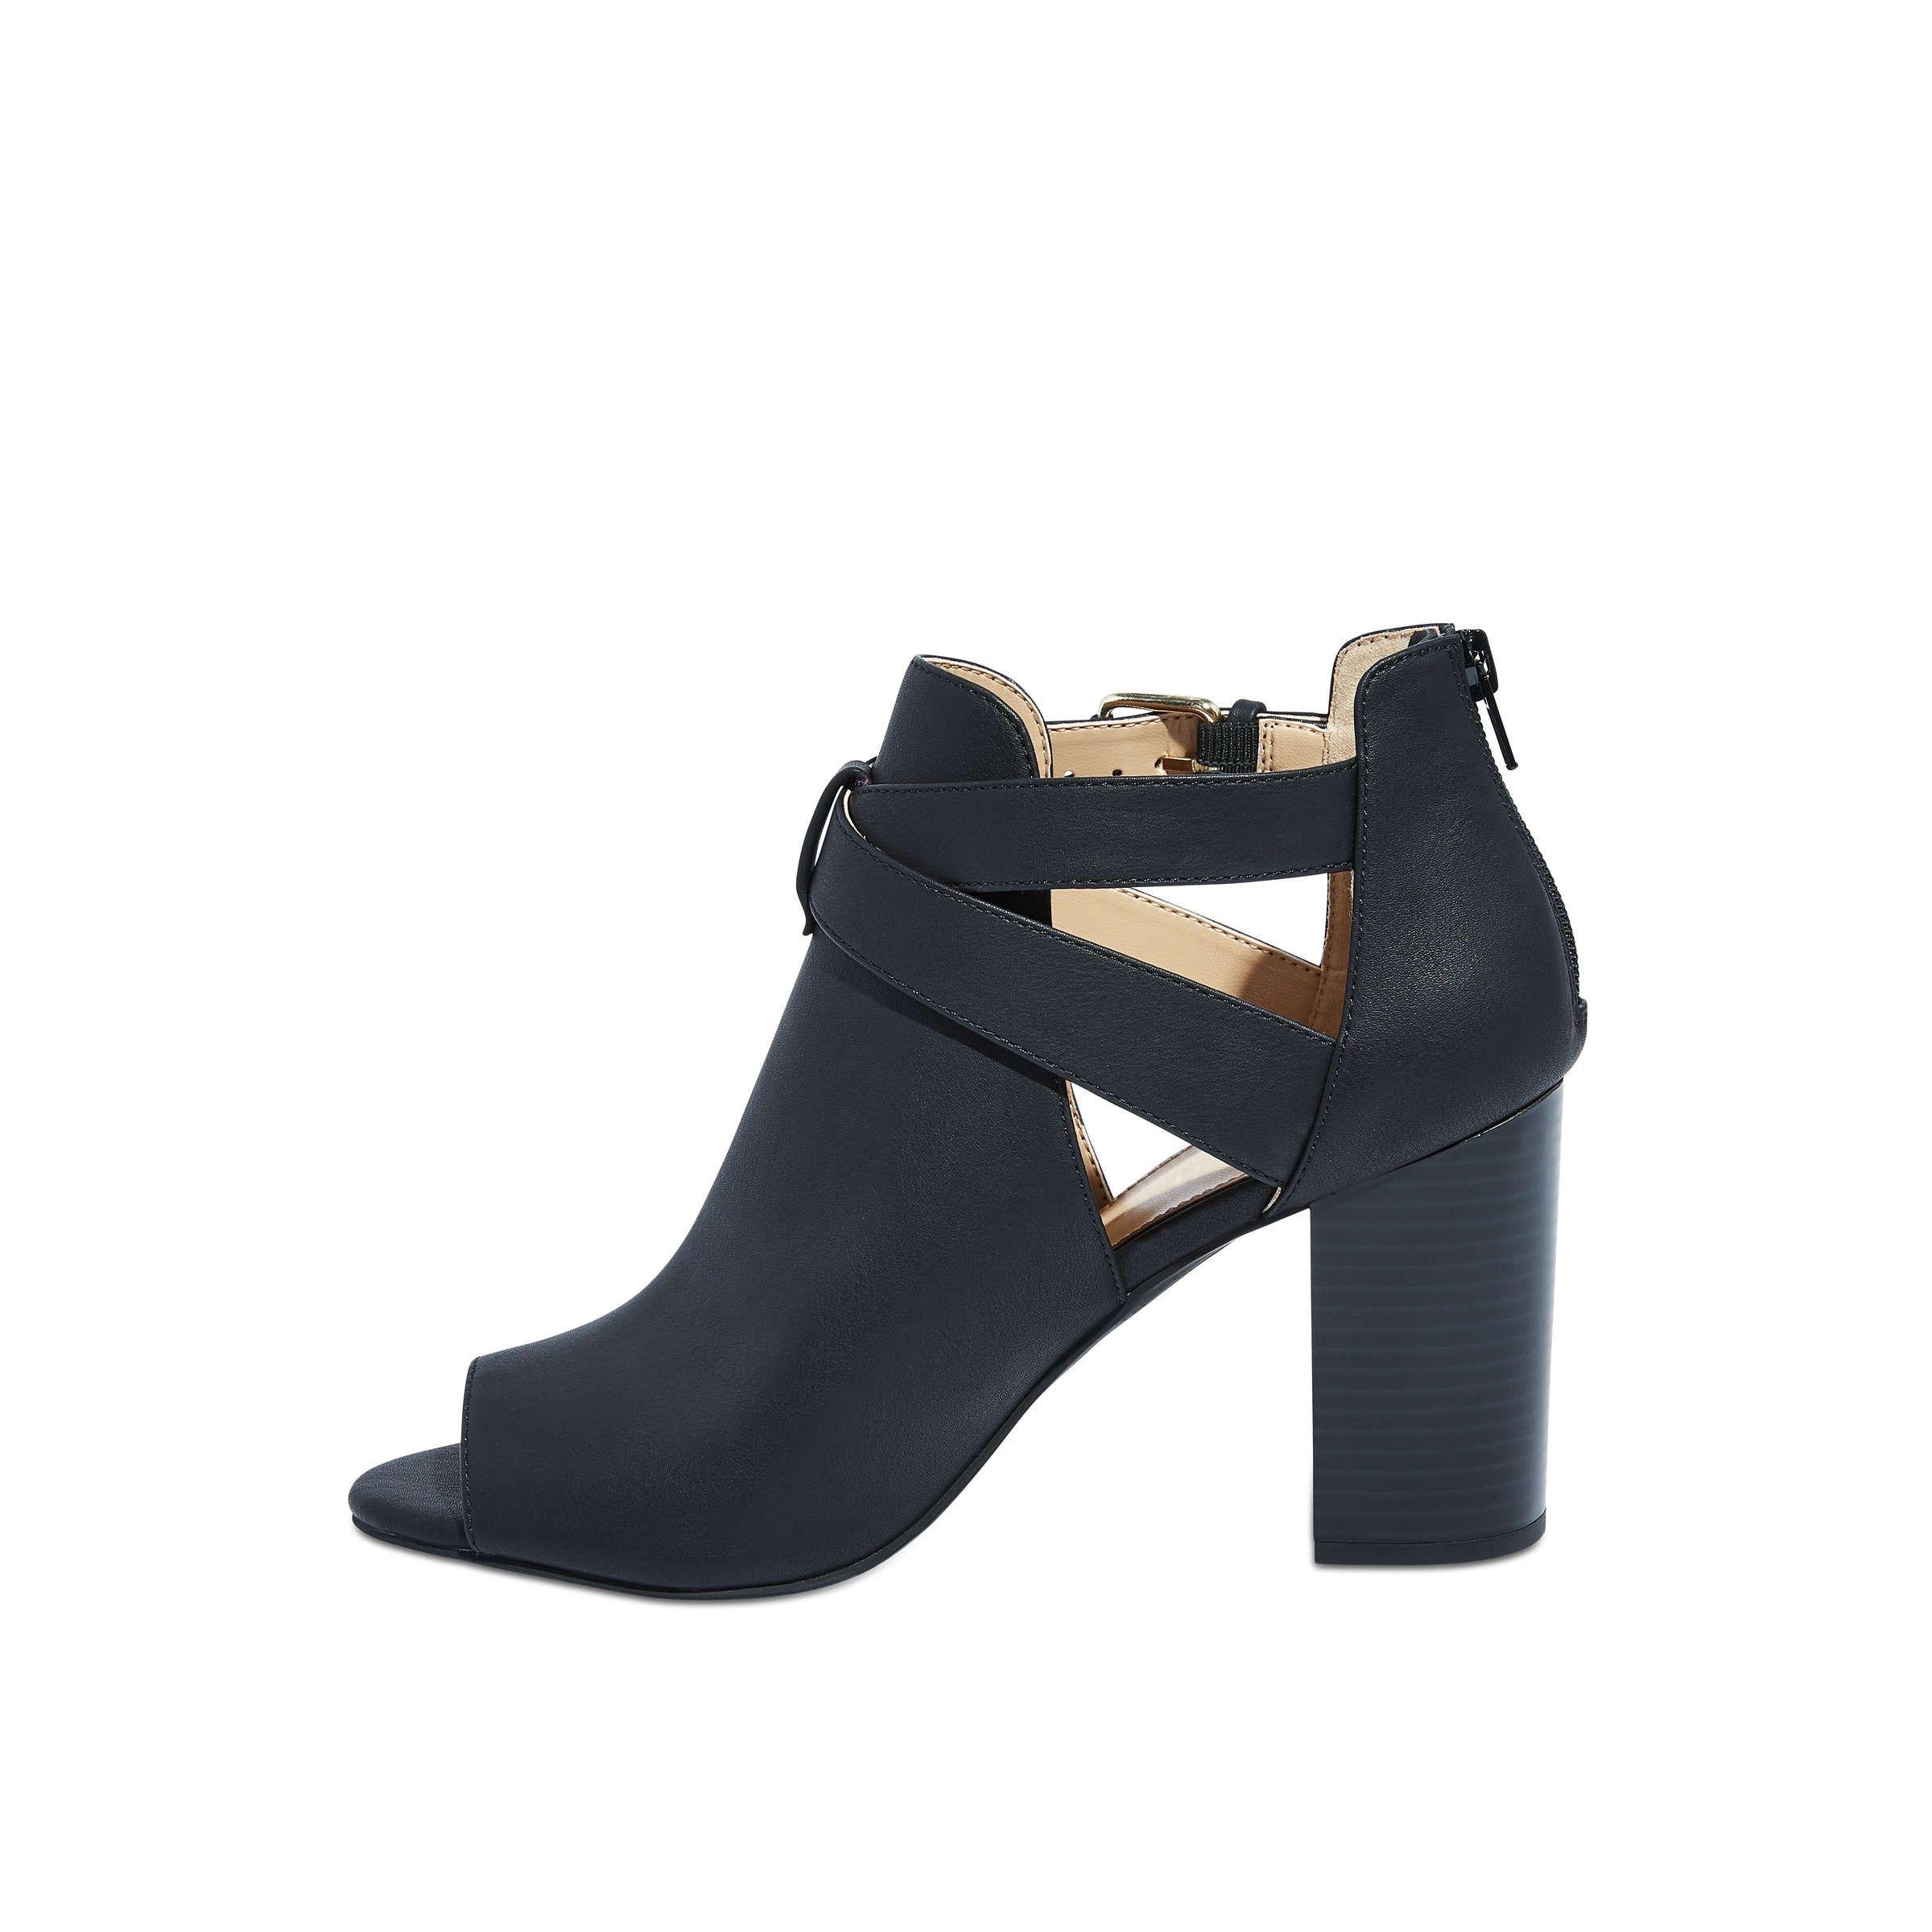 0f761b5324d2 Joe Fresh Open Toe Block Heel Booties - Black 10